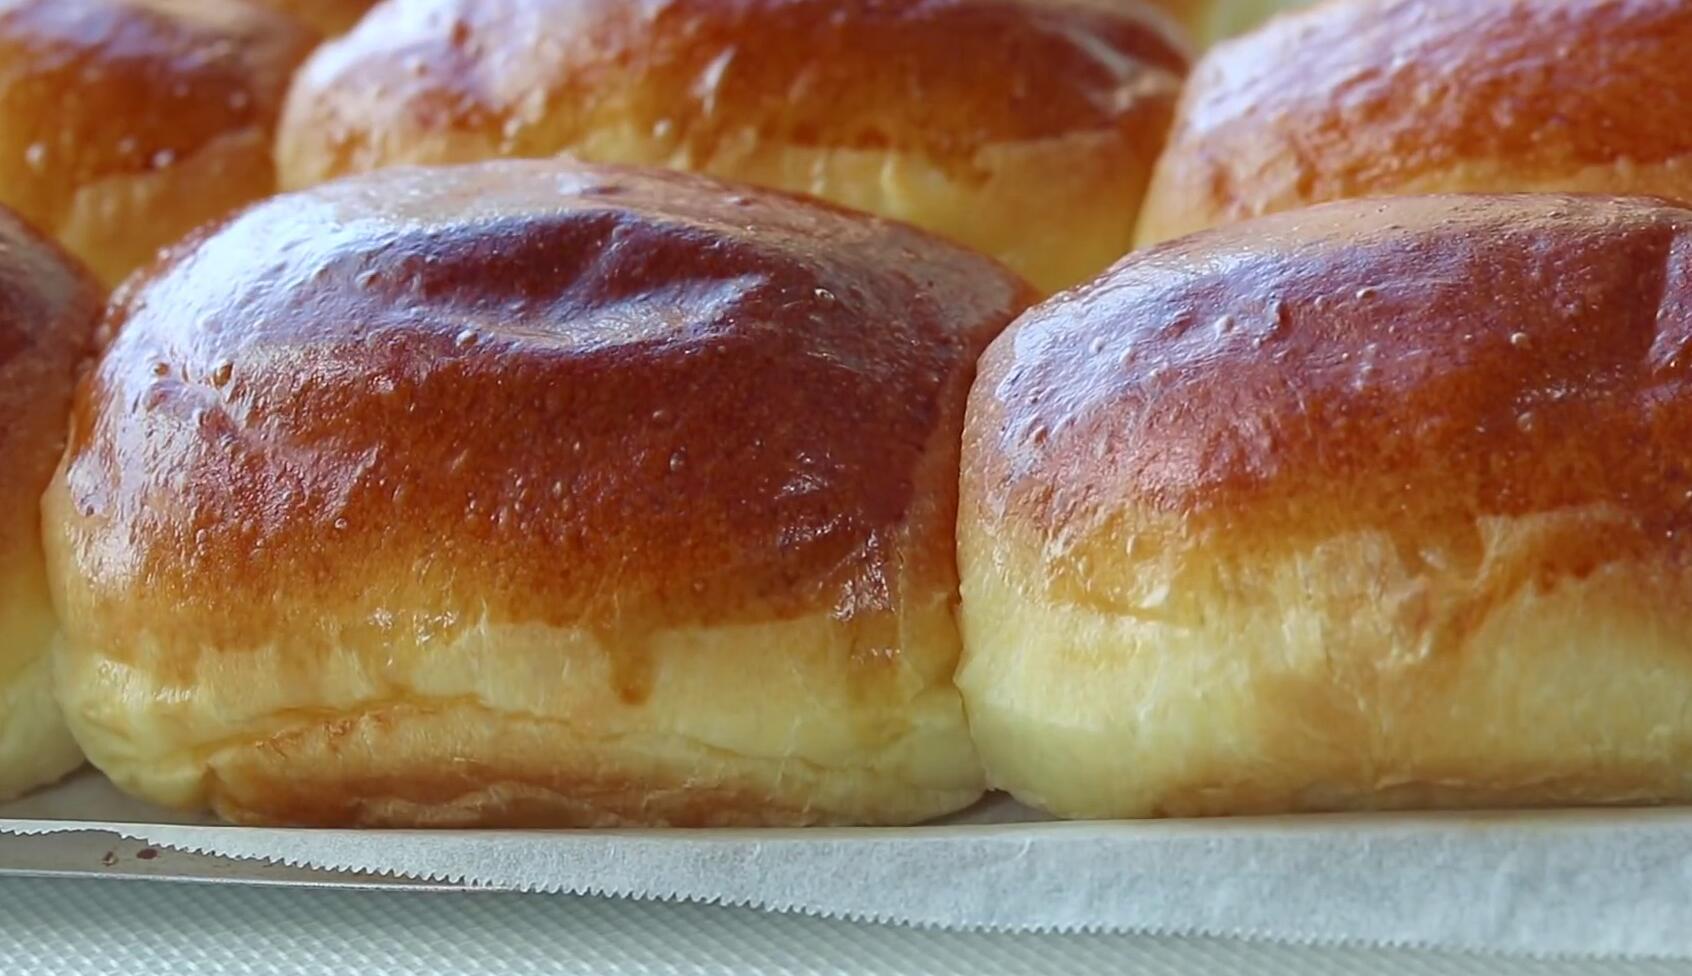 【孙健博客】教你怎么制作面包